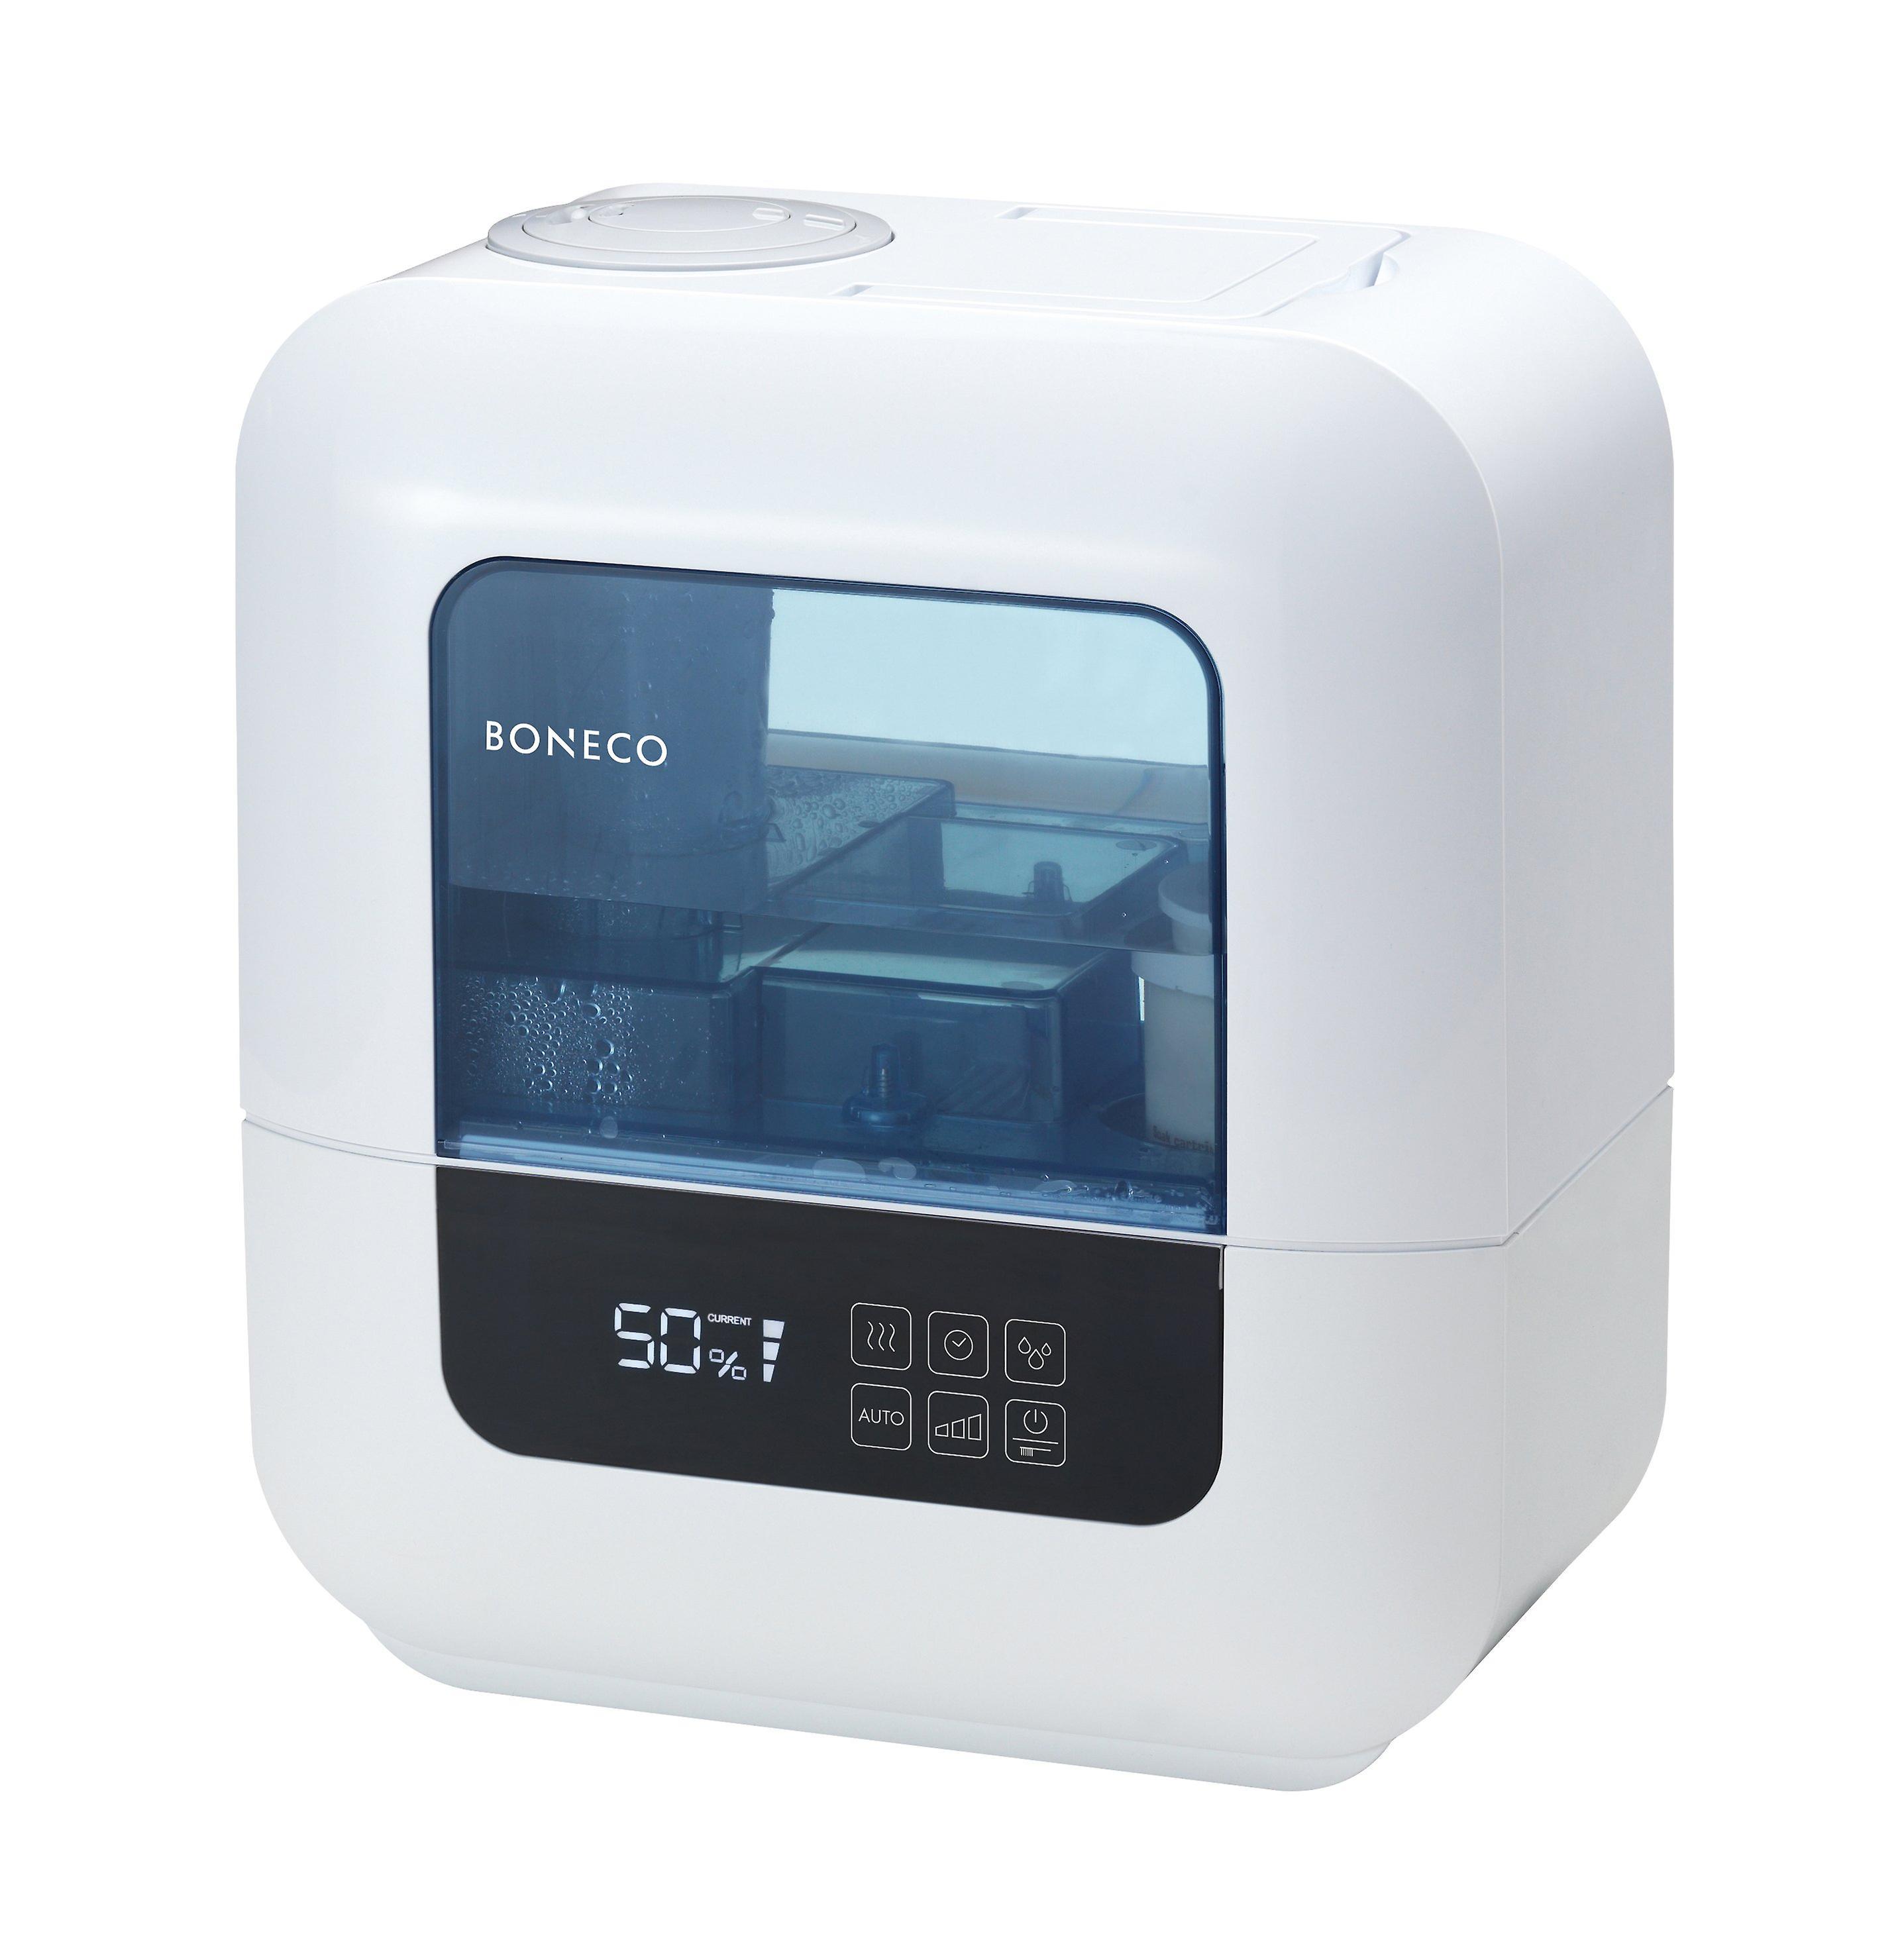 Boneco Humidifier Ultrasonic U700